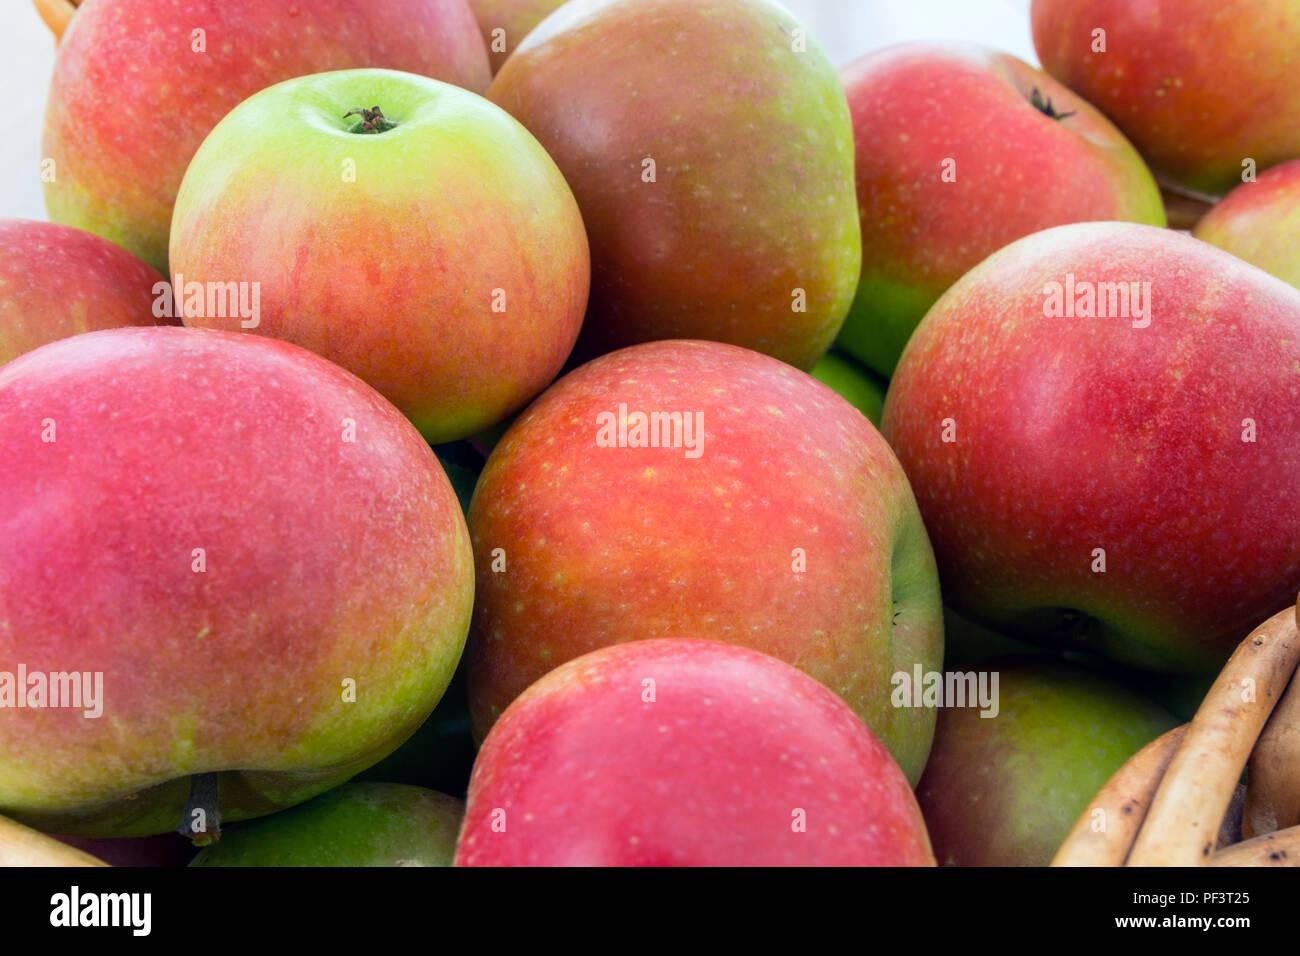 Un panier fraîchement cueillies de découverte (Malus domestica) Les pommes. Banque D'Images